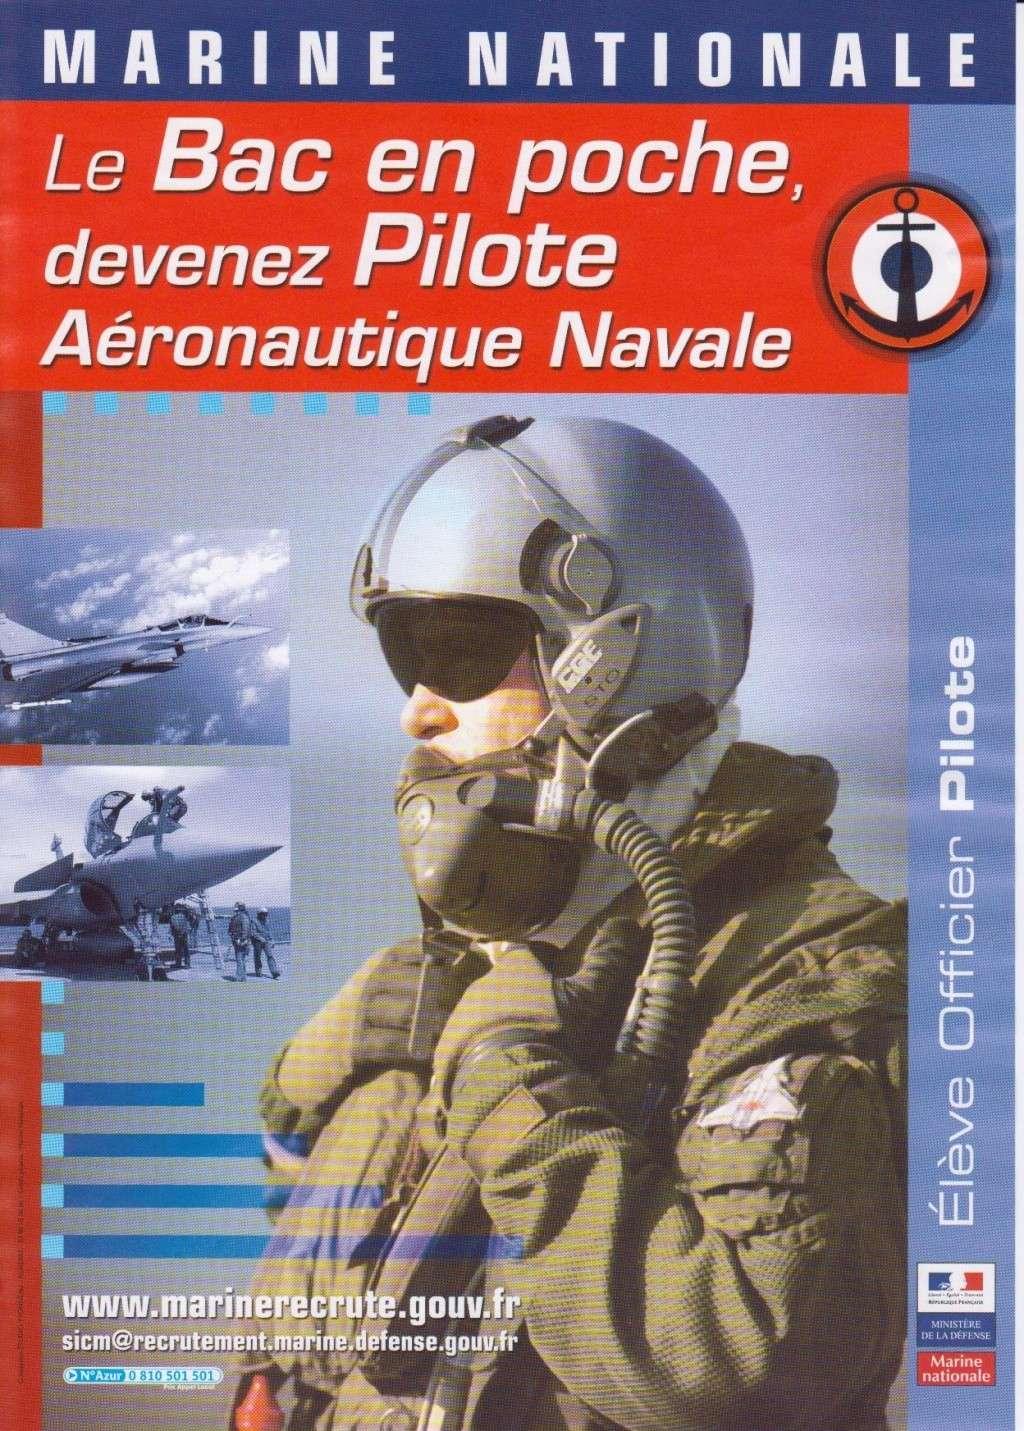 Devenez pilote aeronautique navale Pilote12